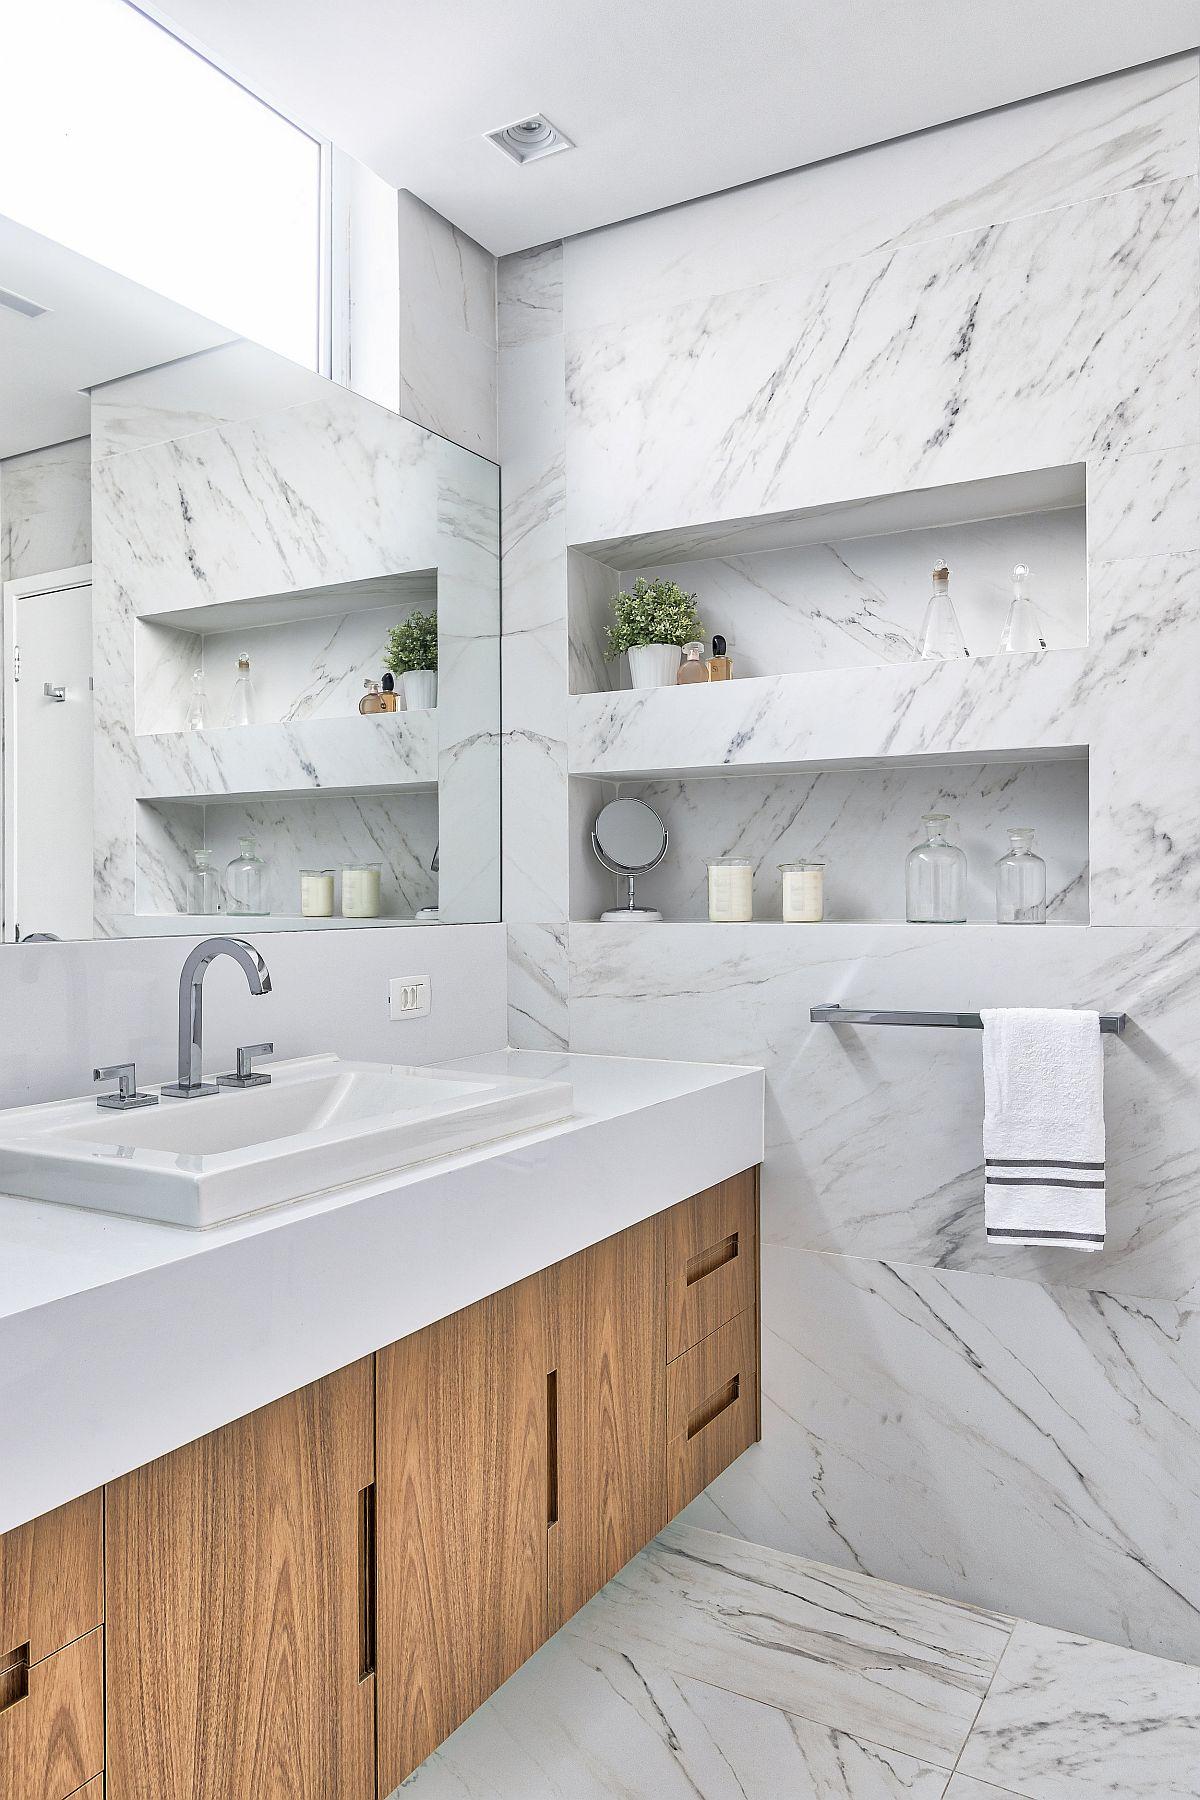 Mobila din baie este suspendată pentru ca sub ea să fie loc pentru cură are facilă. Ferestrele fiind la nivel superior, arhitectele au prevăzut ca sub ele oglinda să fie simplă, fără mobilă pentru a păstra vizibilitatea excelentă în oglindă. În loc de mobilier, au prevăzut în lateralul lavoarului nișe pentru produse sau obiecte care se doresc a fi la îndemână.